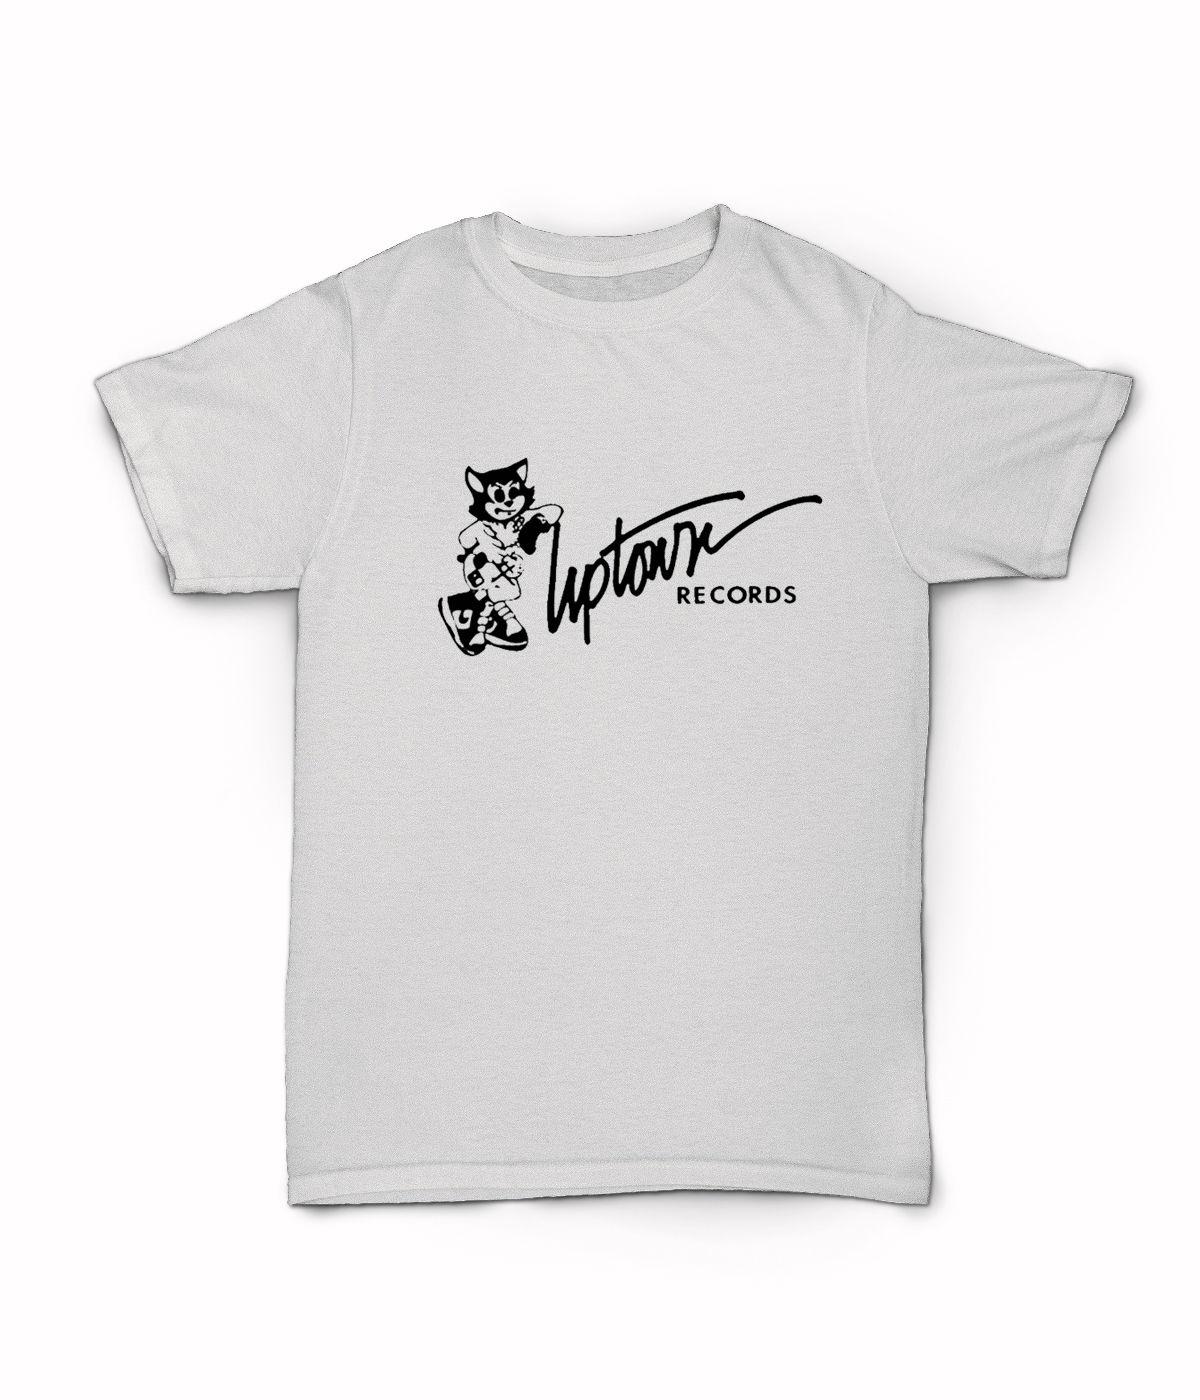 Koszulka z krótkim rękawem-ciężki D Puff tatuś Diddy Mary J Blige etykieta hip-hopowa NYC